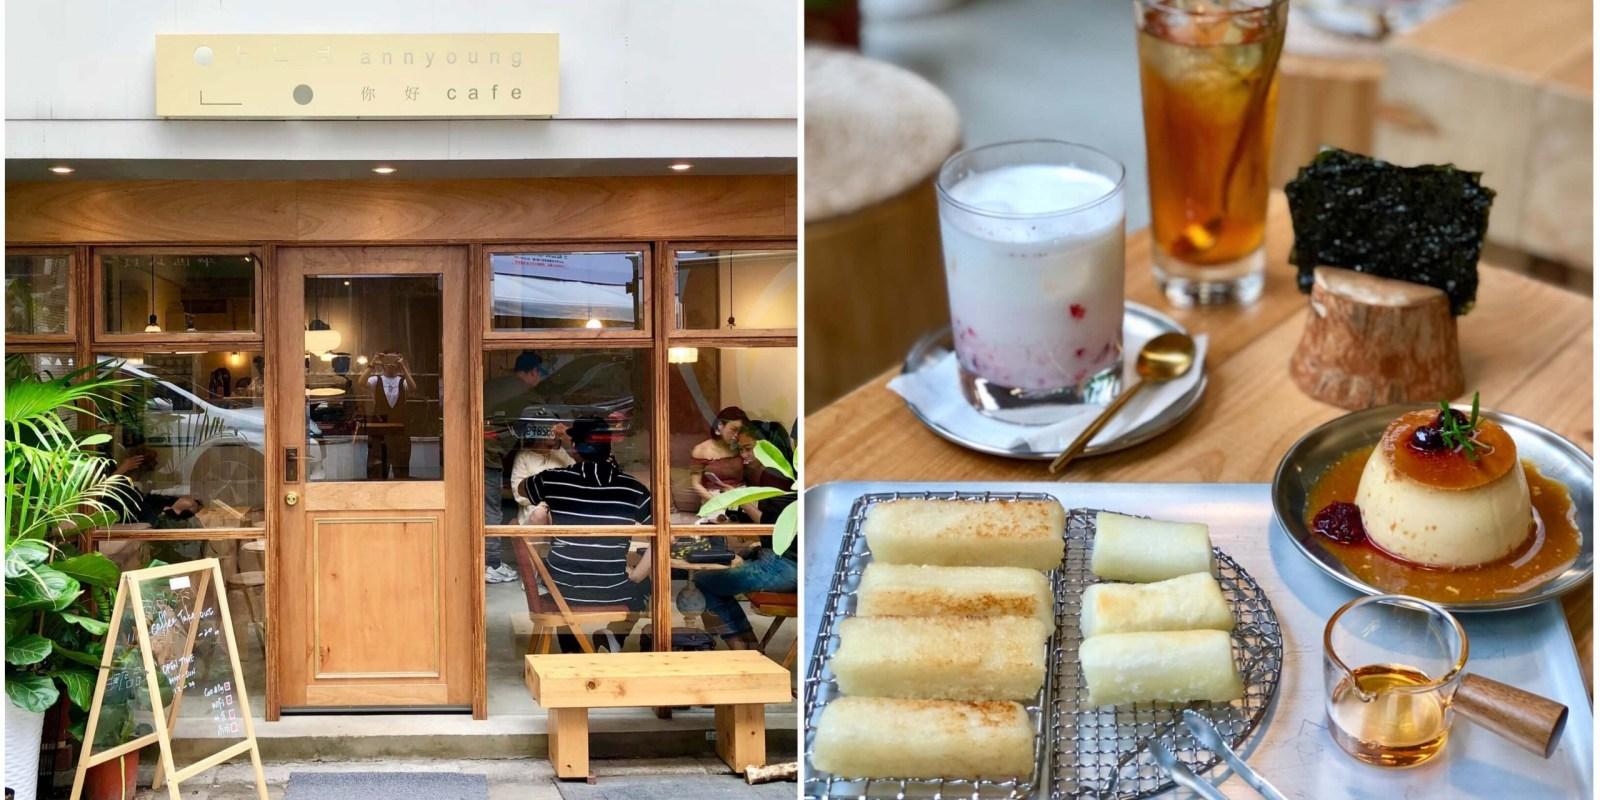 【台北美食】annyoung cafe 巷弄內新開幕的韓系咖啡廳,透明落地窗搭配木質色調的門口,來這必點蜂蜜海苔年糕!